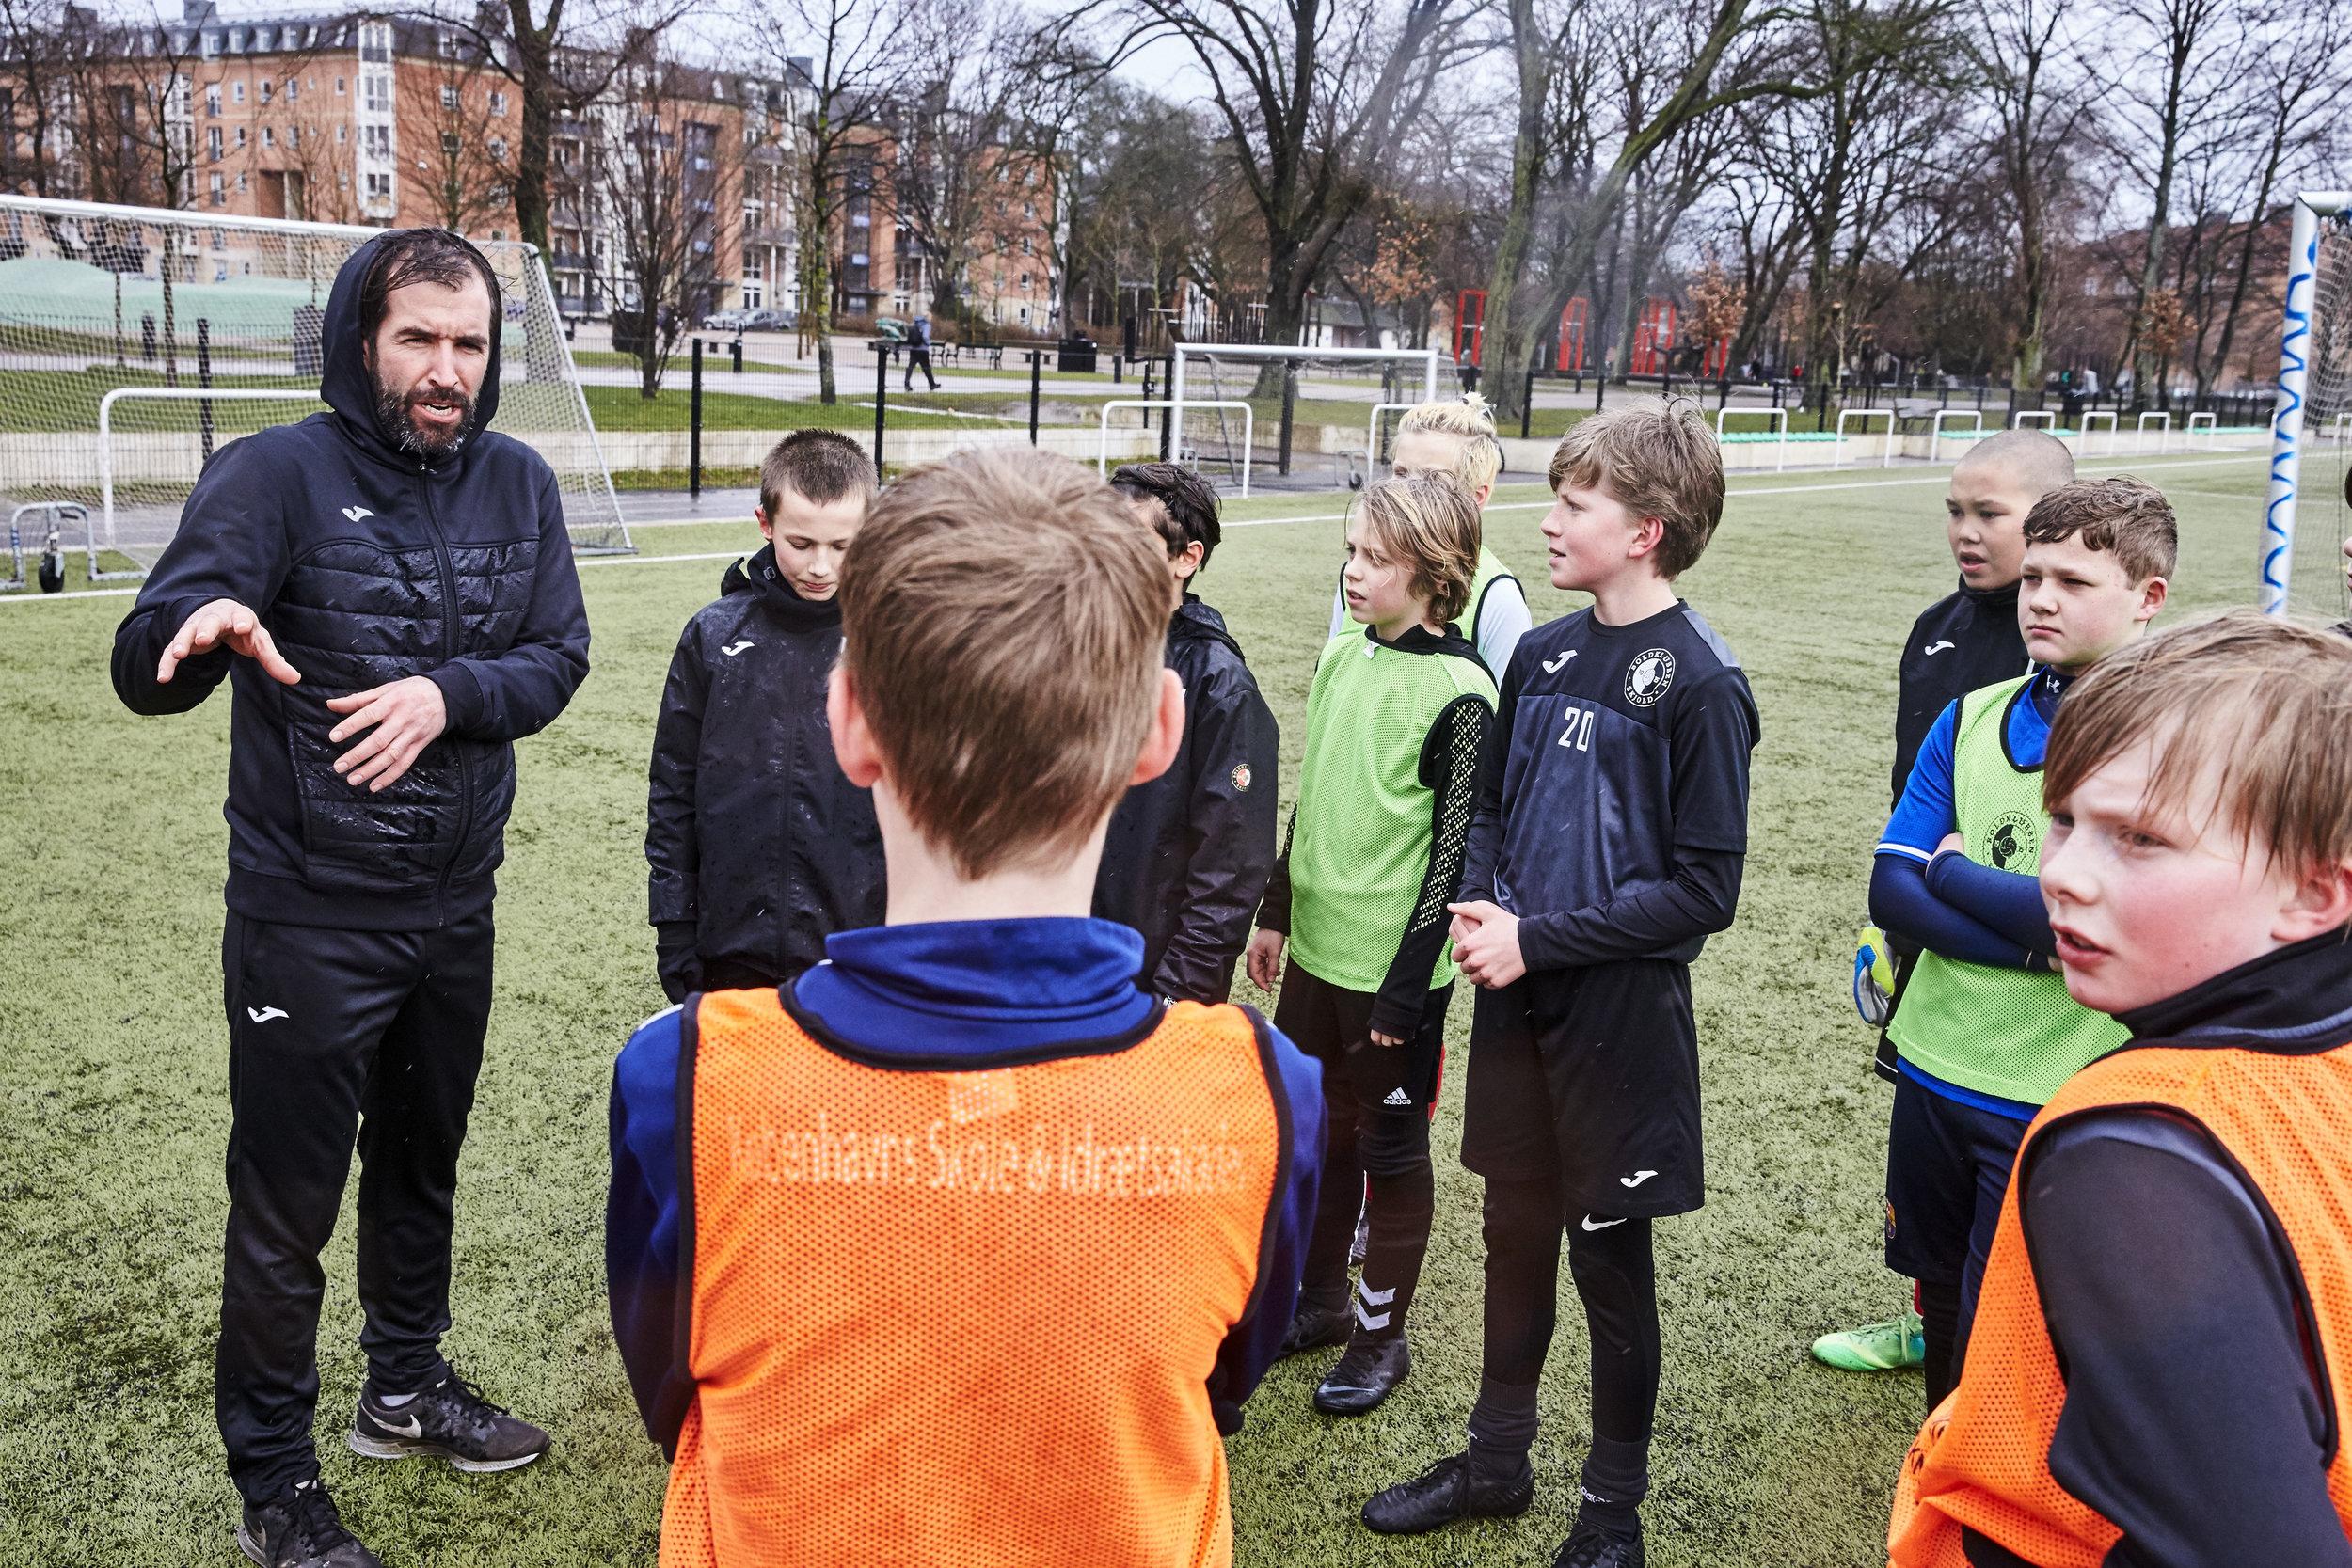 Foto: Klaus Sletting Jensen